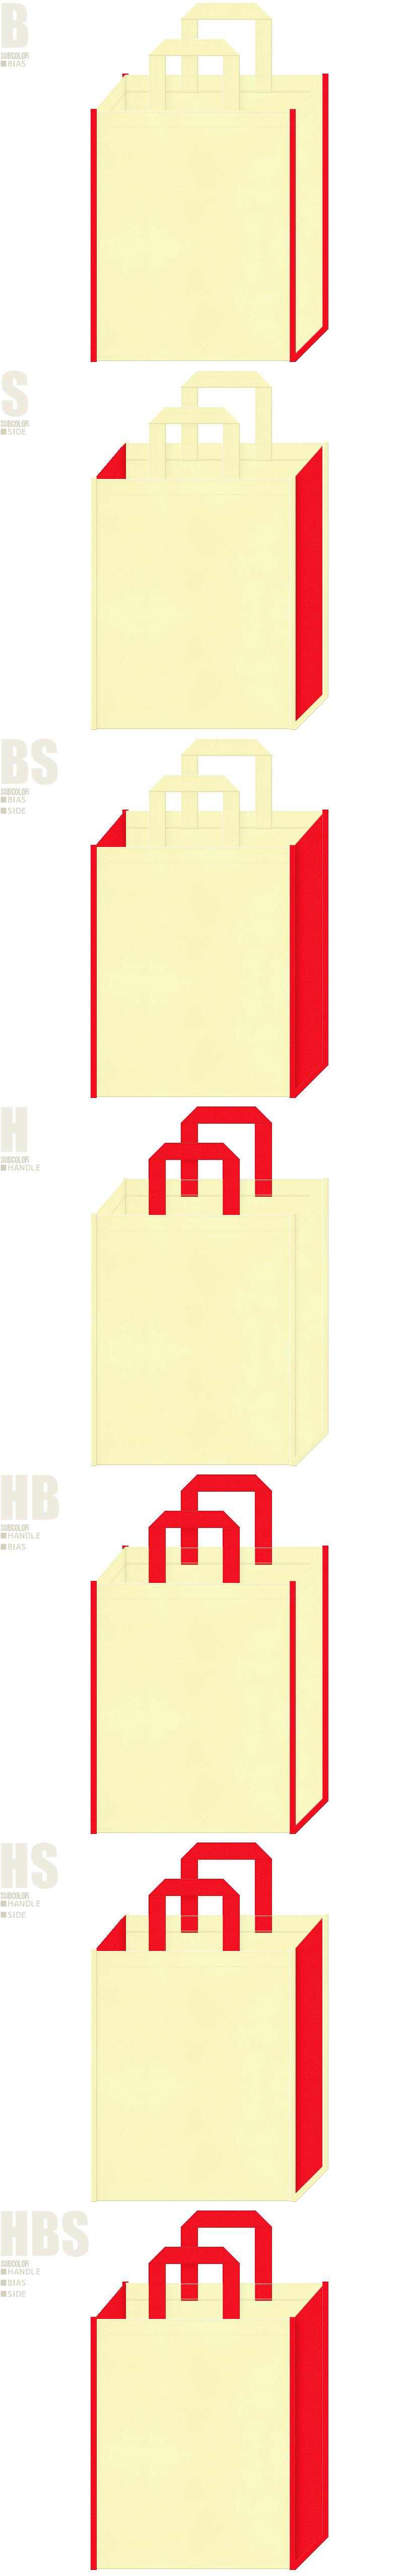 七五三・節分・ひな祭り・キッズイベントにお奨めの不織布バッグデザイン:薄黄色と赤色の配色7パターン。